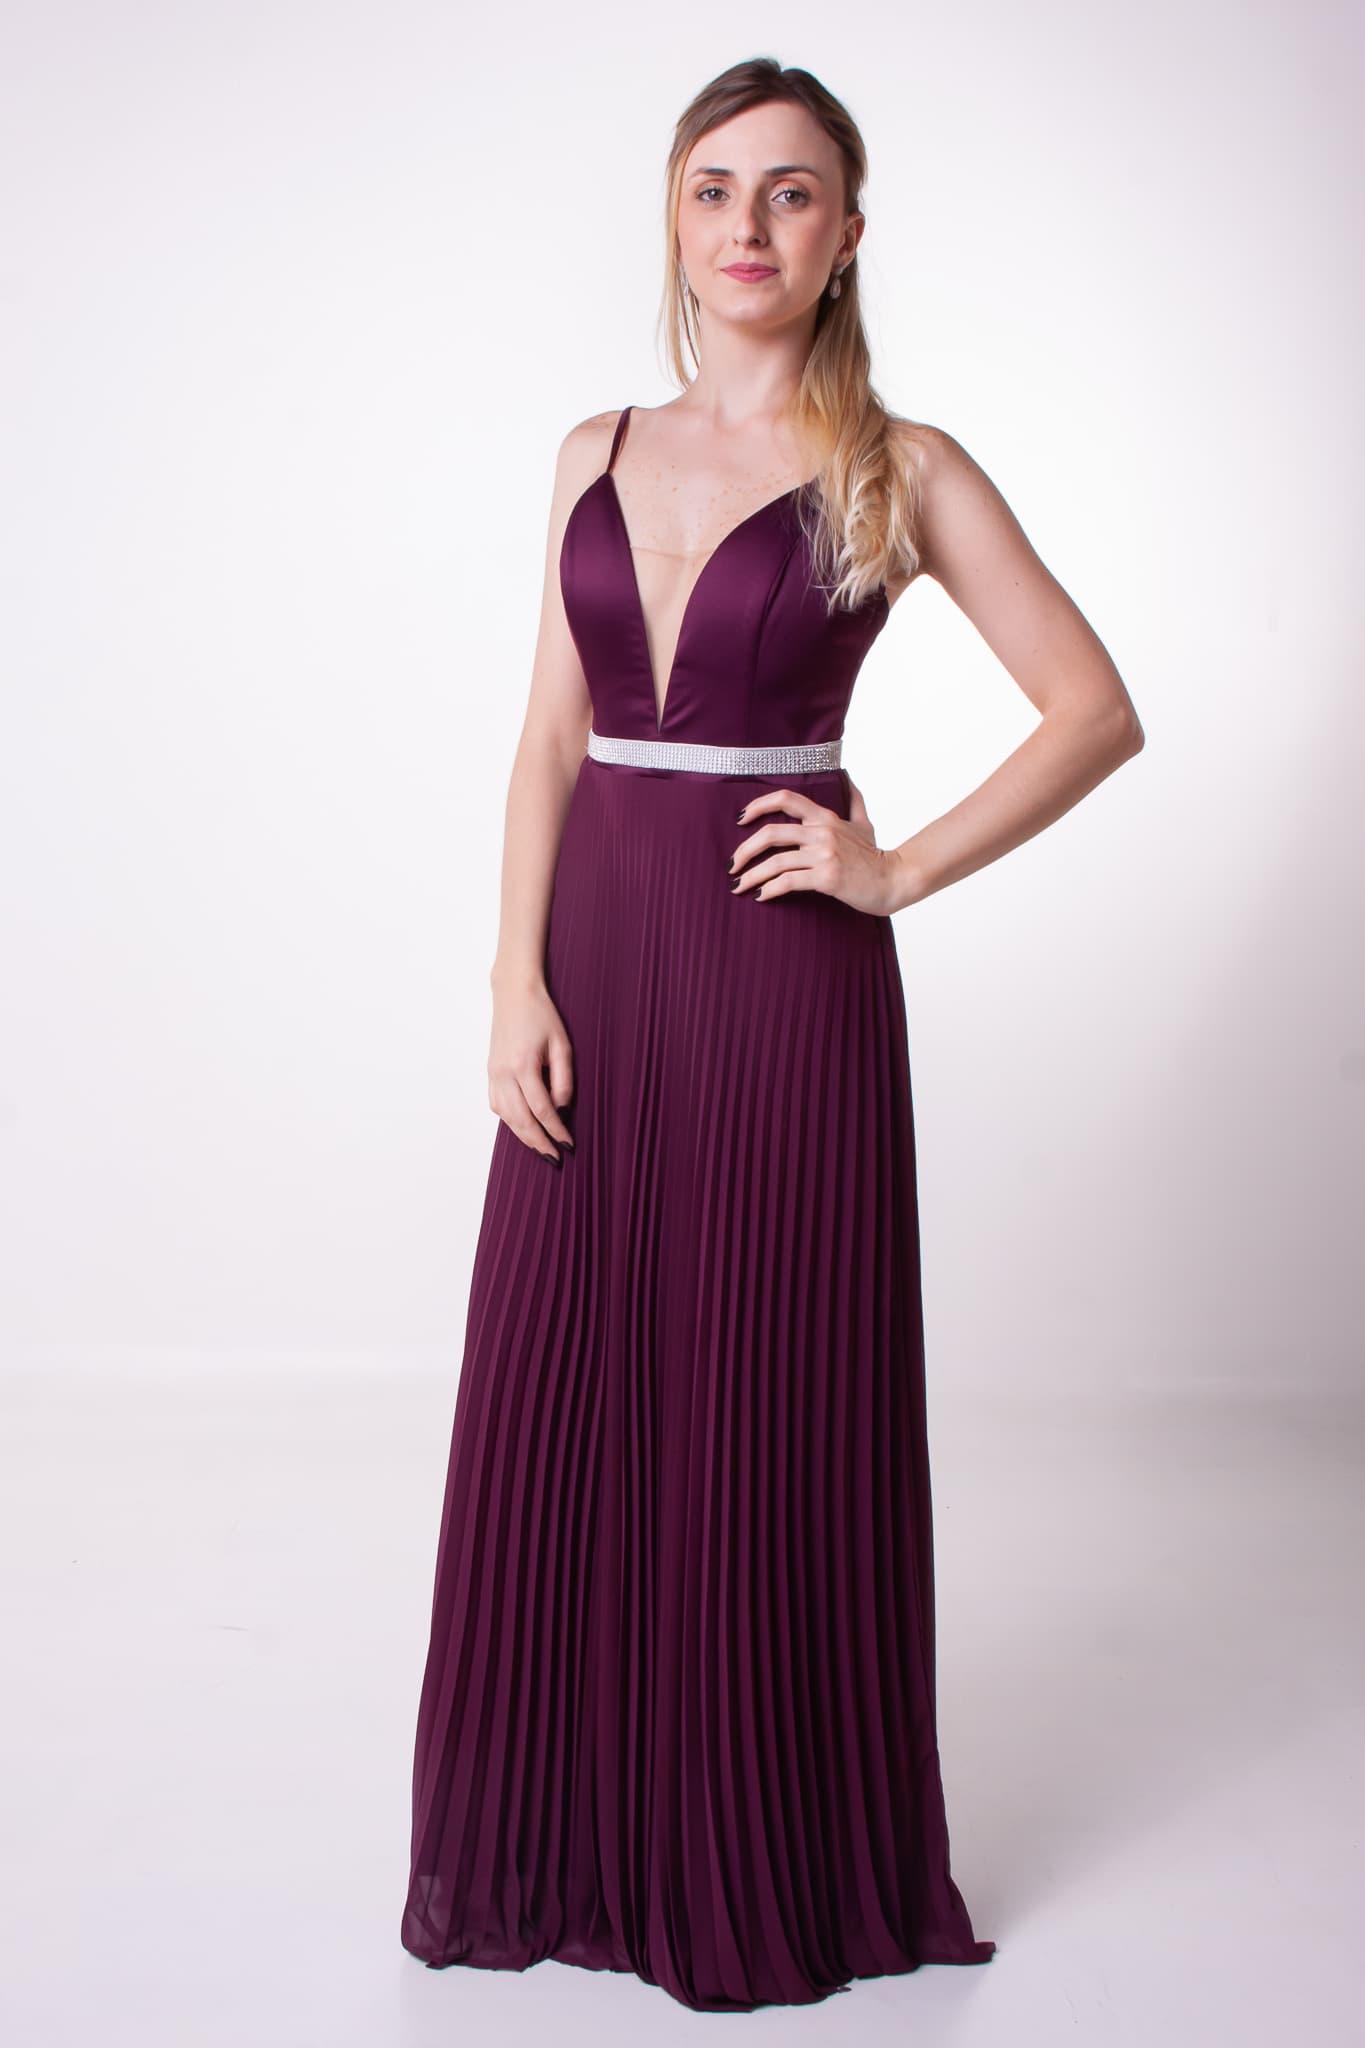 39 - Vestido uva com saia plissada